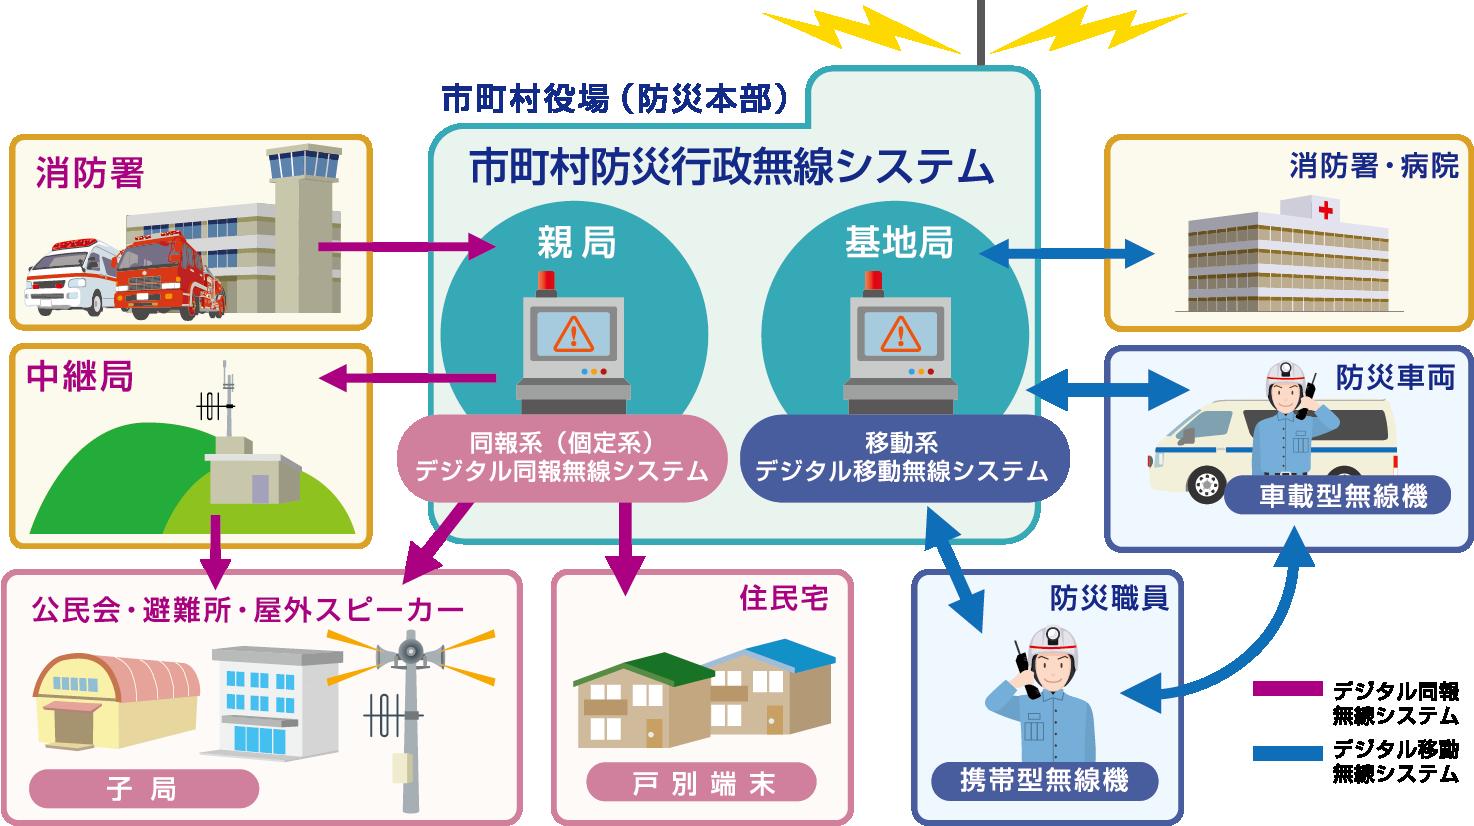 防災無線システム